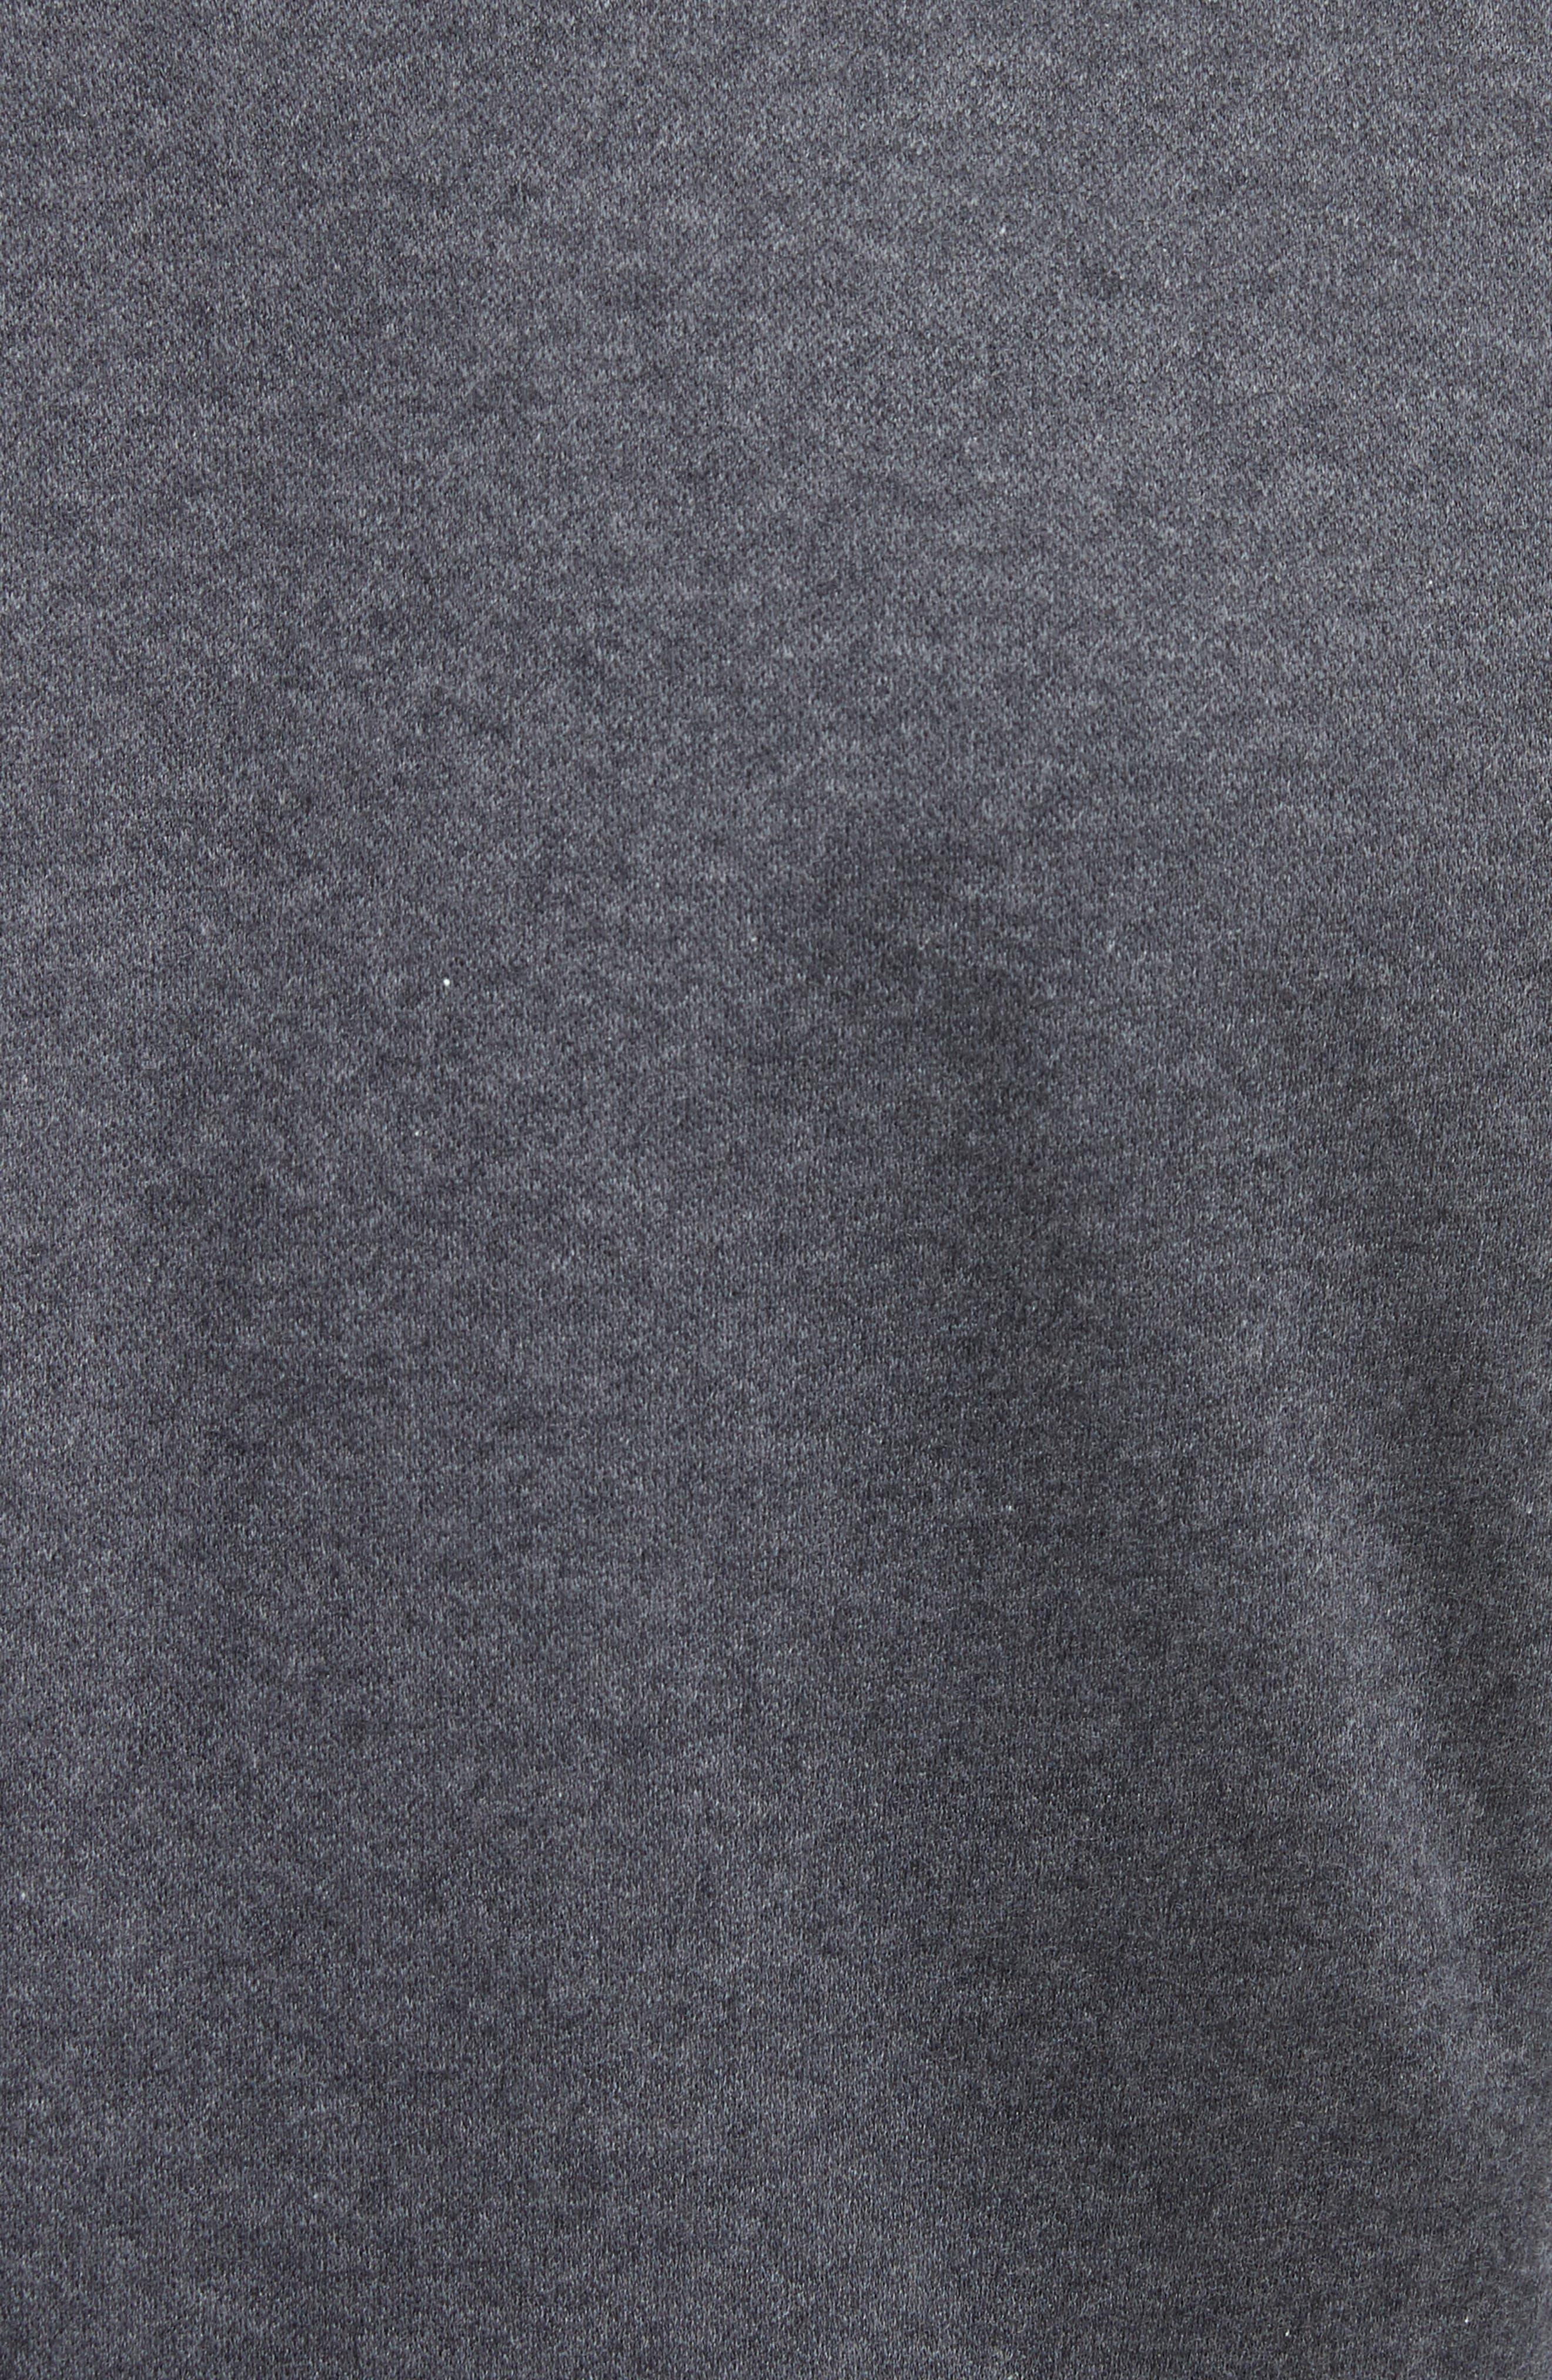 Slim Fit Sport Coat,                             Alternate thumbnail 5, color,                             Grey